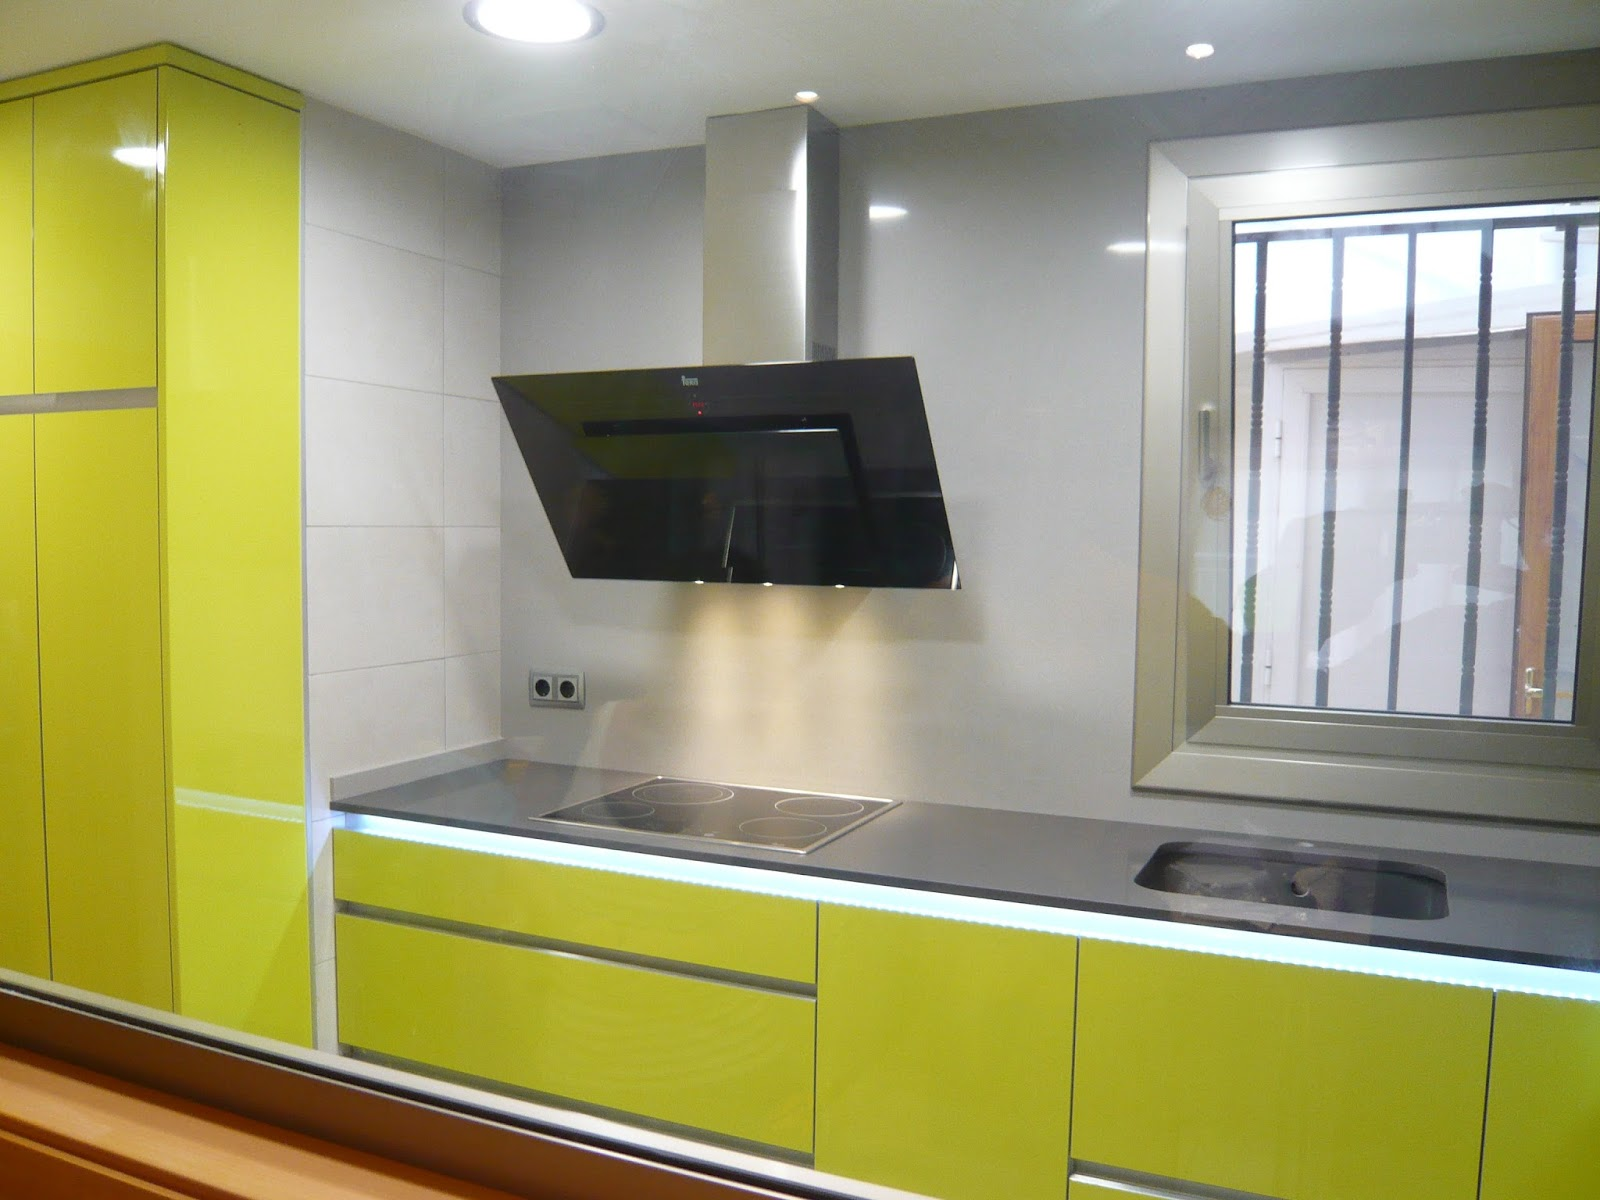 Reuscuina mueble de cocina verde pistacho sin tiradores - Tiradores de muebles de cocina ...